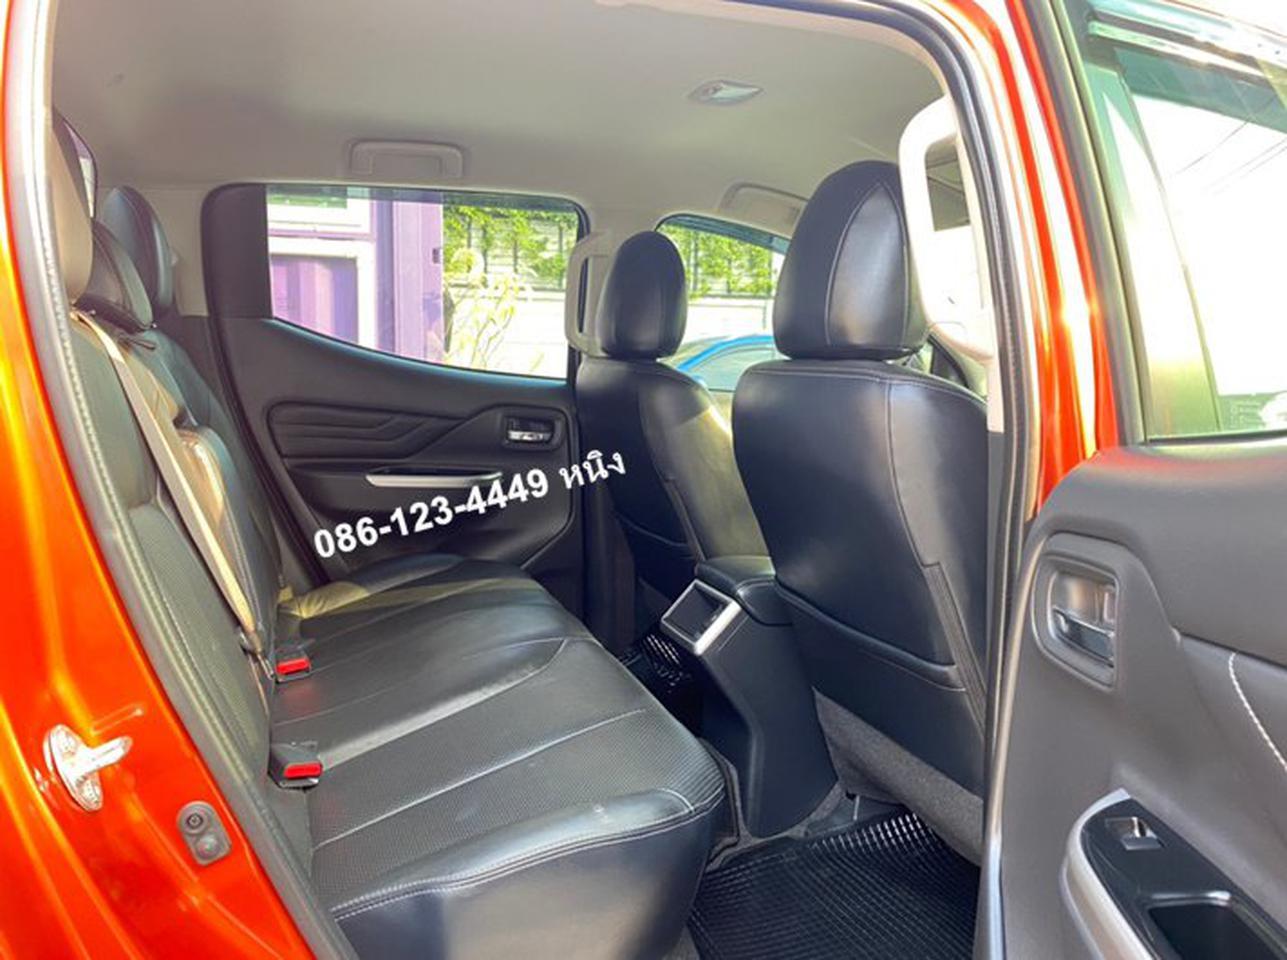 Mitsubishi Triton 4 Door 2.4 GT Plus ปี 2019 เกียร์AUTO รูปที่ 1